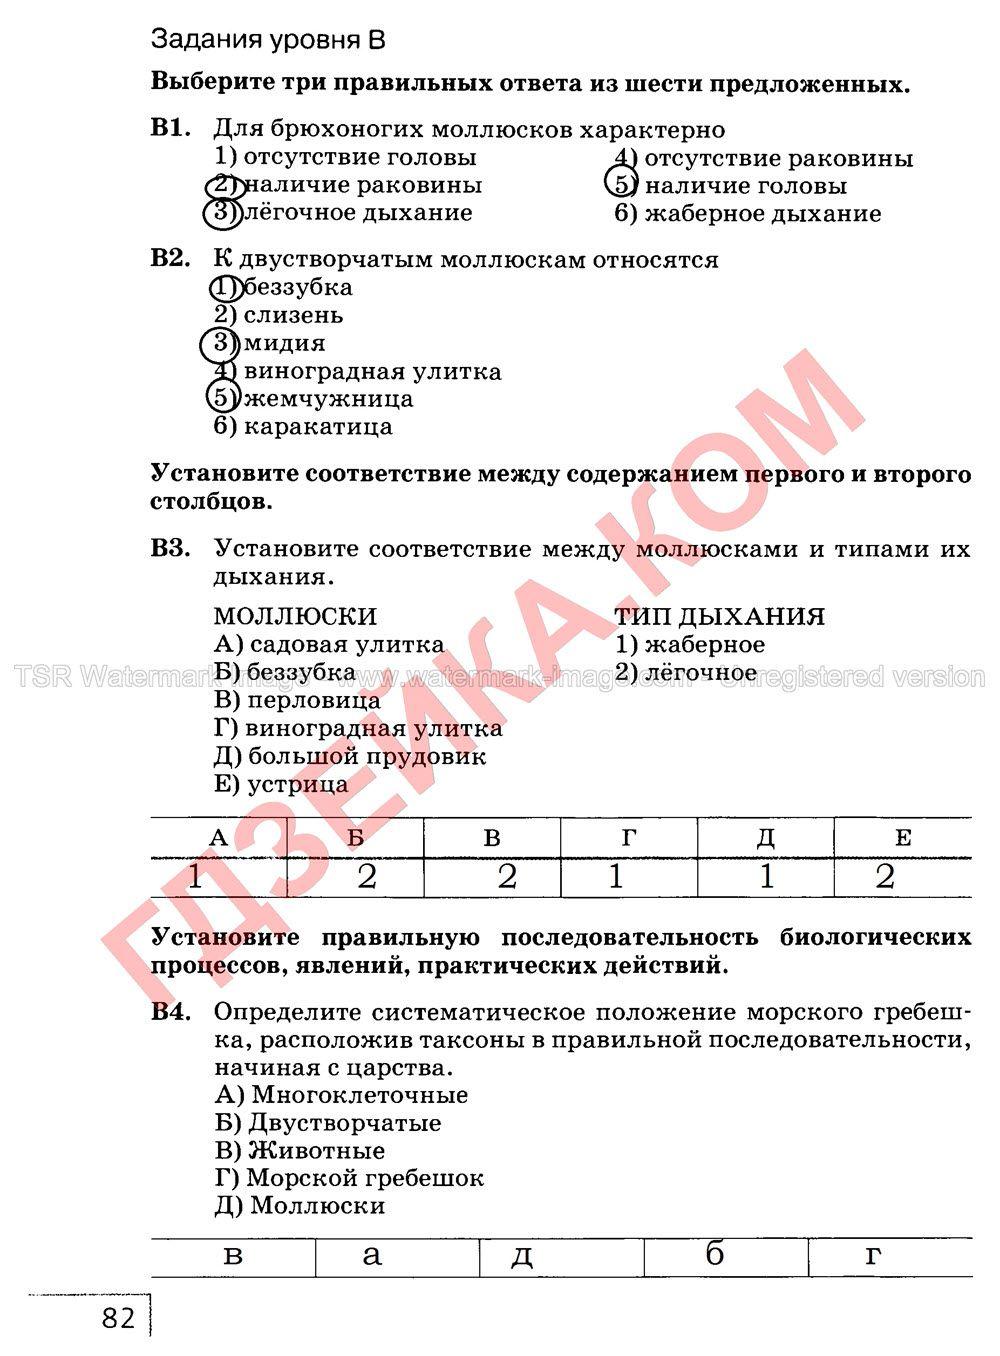 Ответы на лабораторные работы по биологии 8 класс т.с.котик